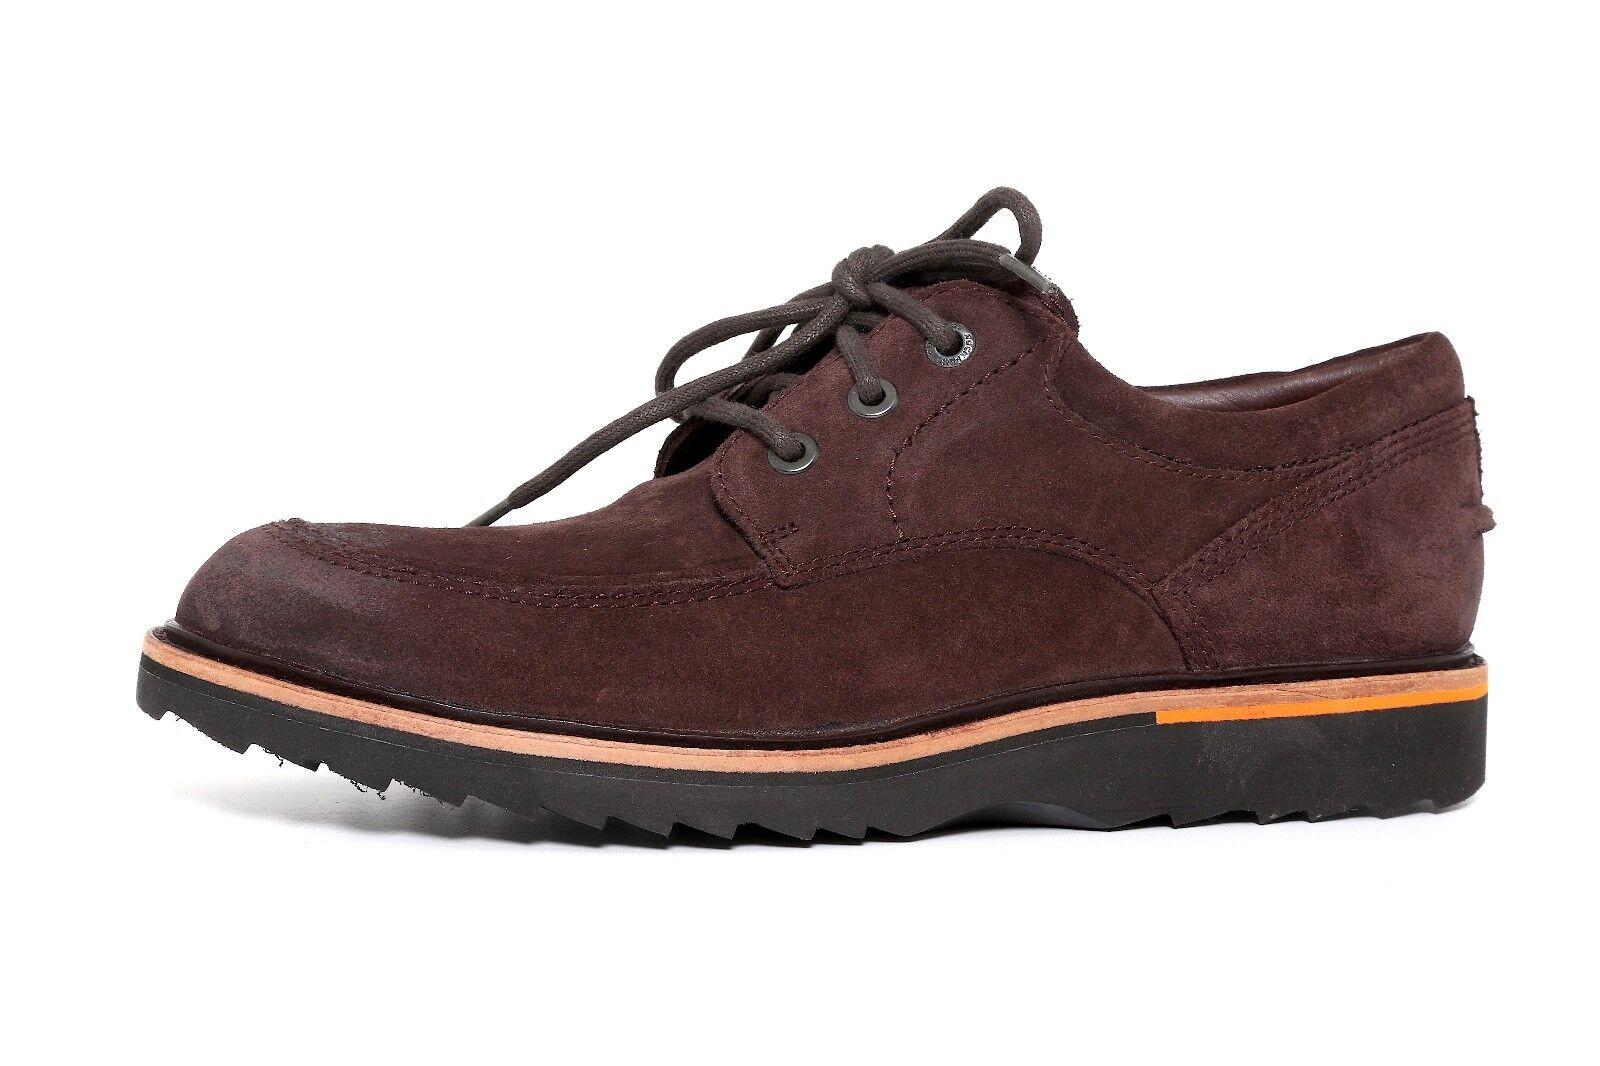 Rockport US Marrón Gamuza Hombre Zapatos De Cordones M US Rockport 3312 1f56de